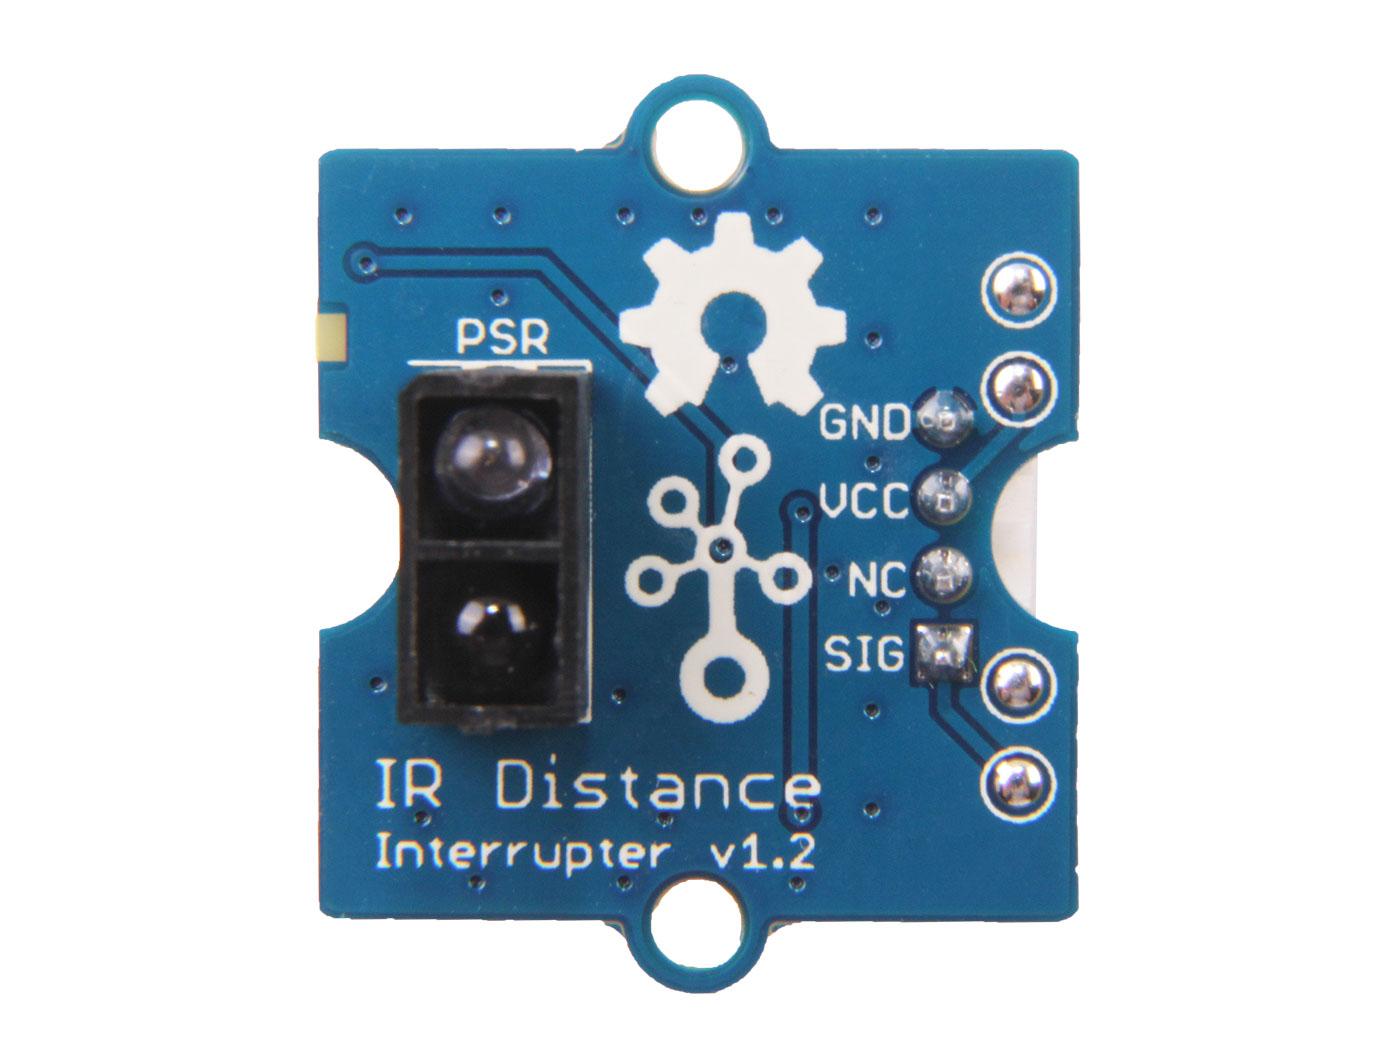 Grove - IR Distance Interrupter v1.2